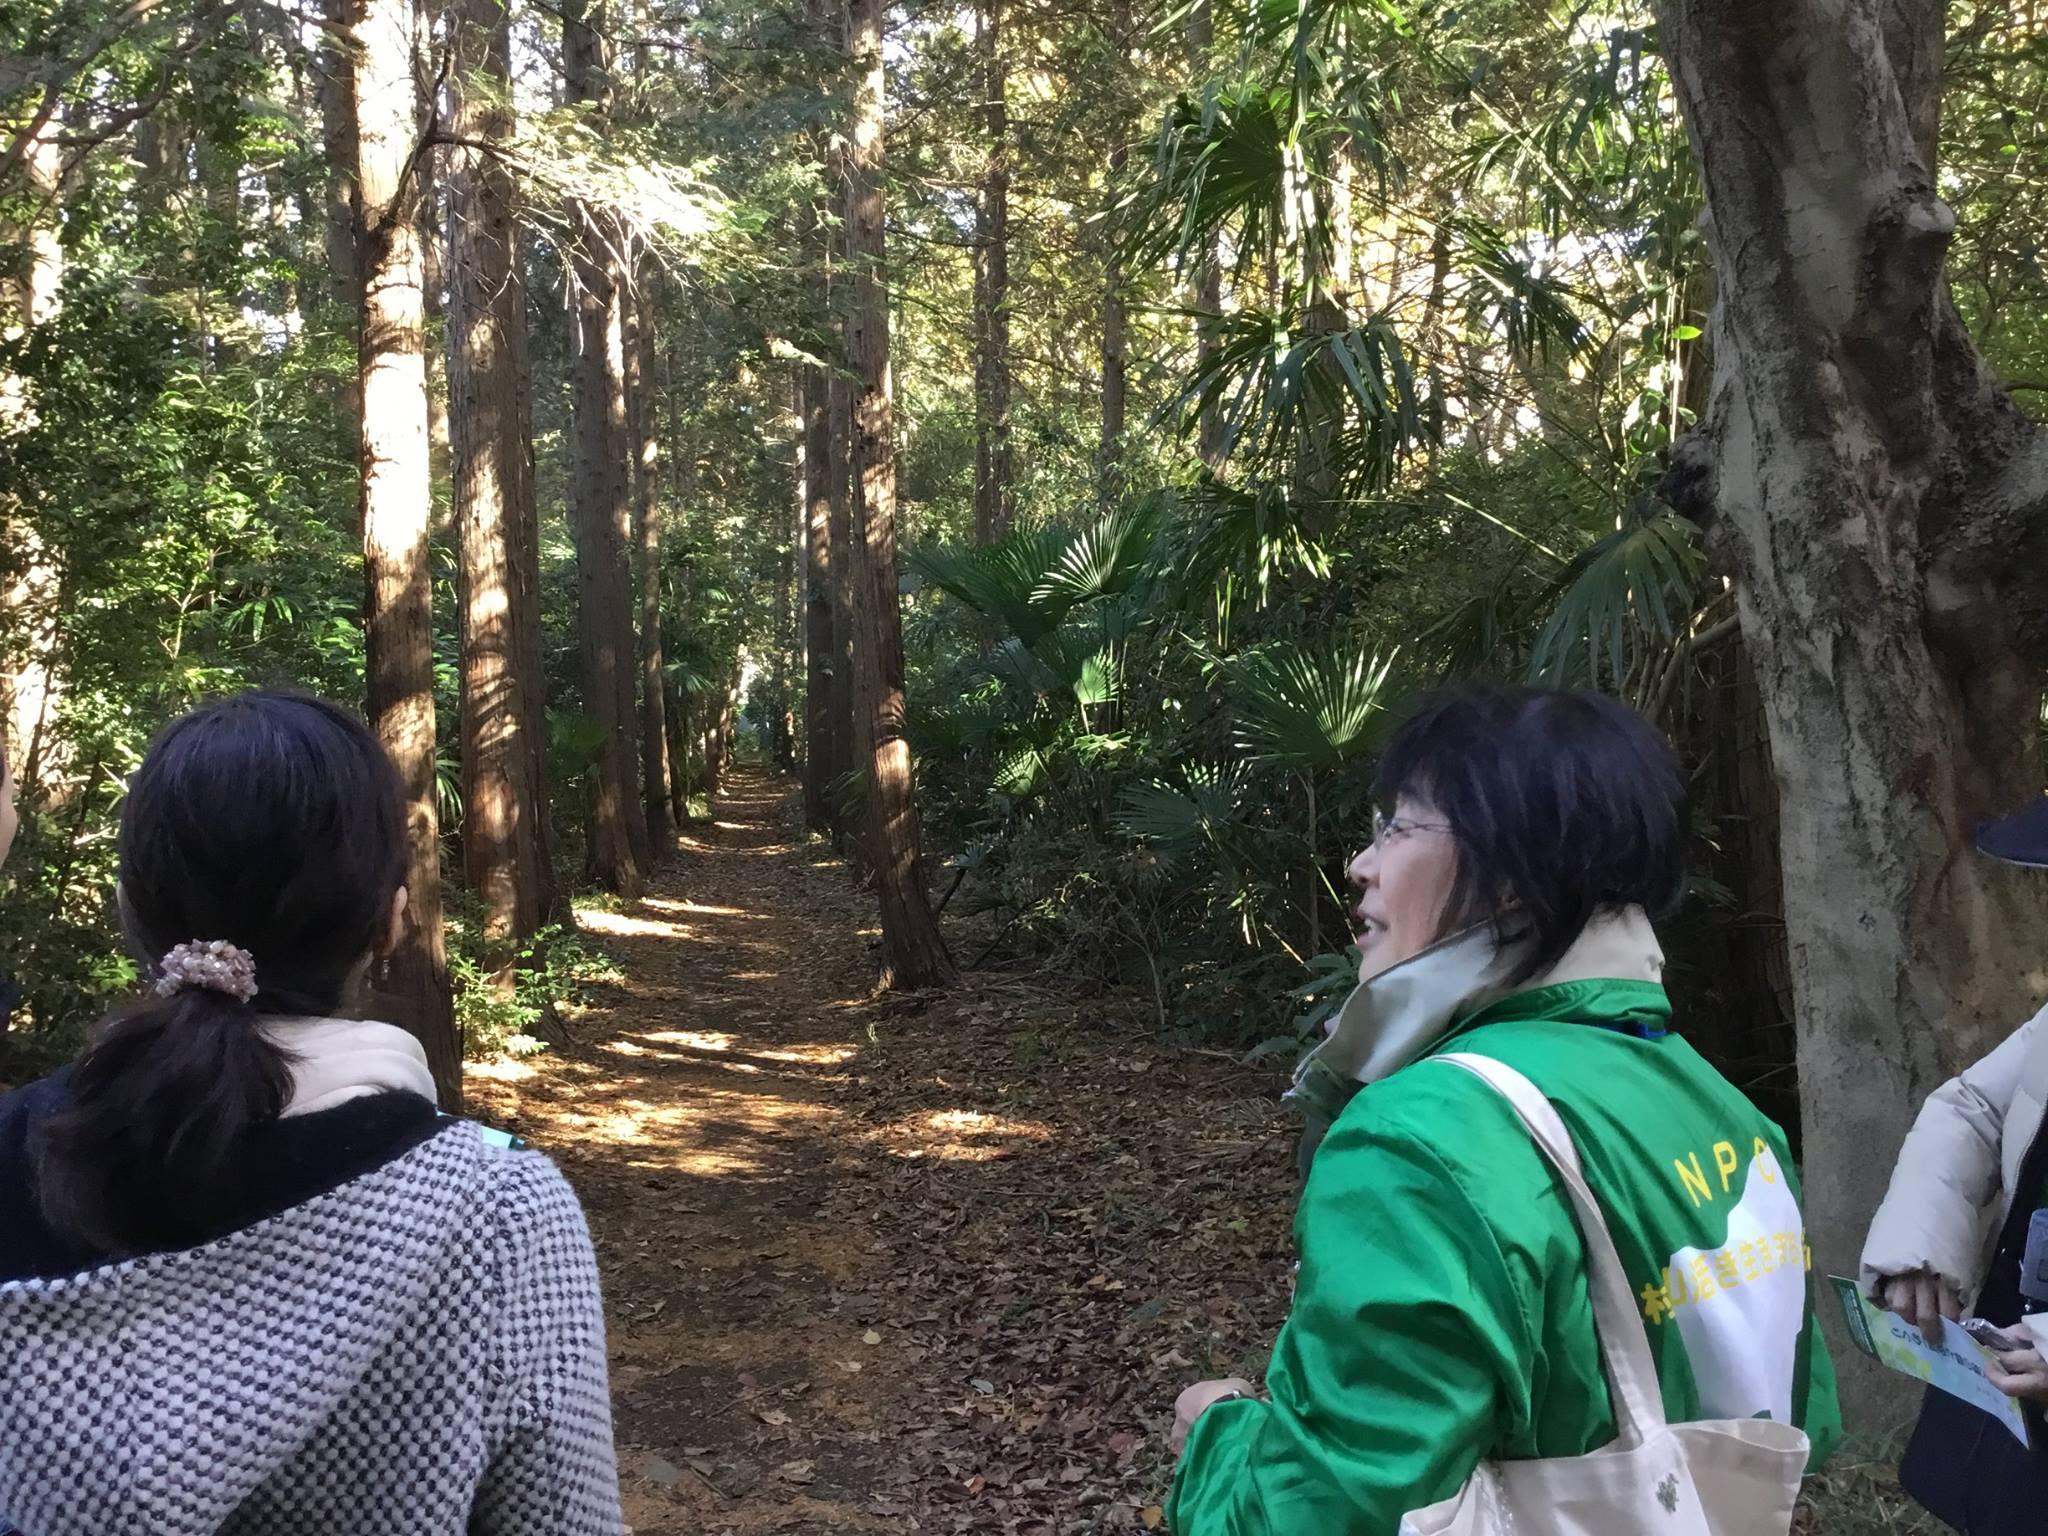 多磨全生園の森林浴道